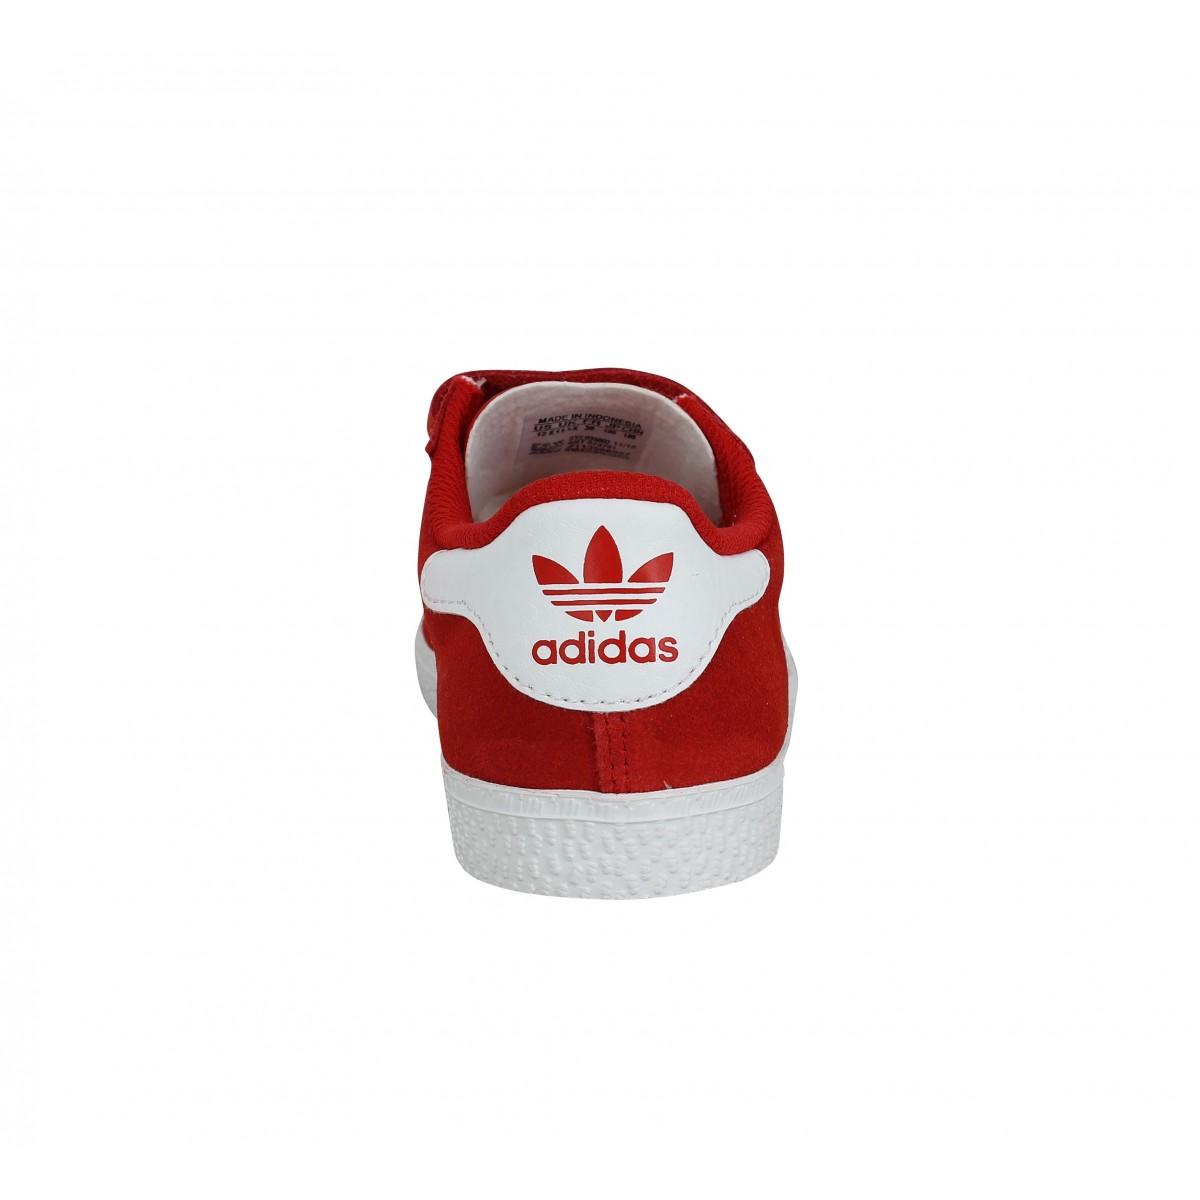 adidas gazelle rouge enfant